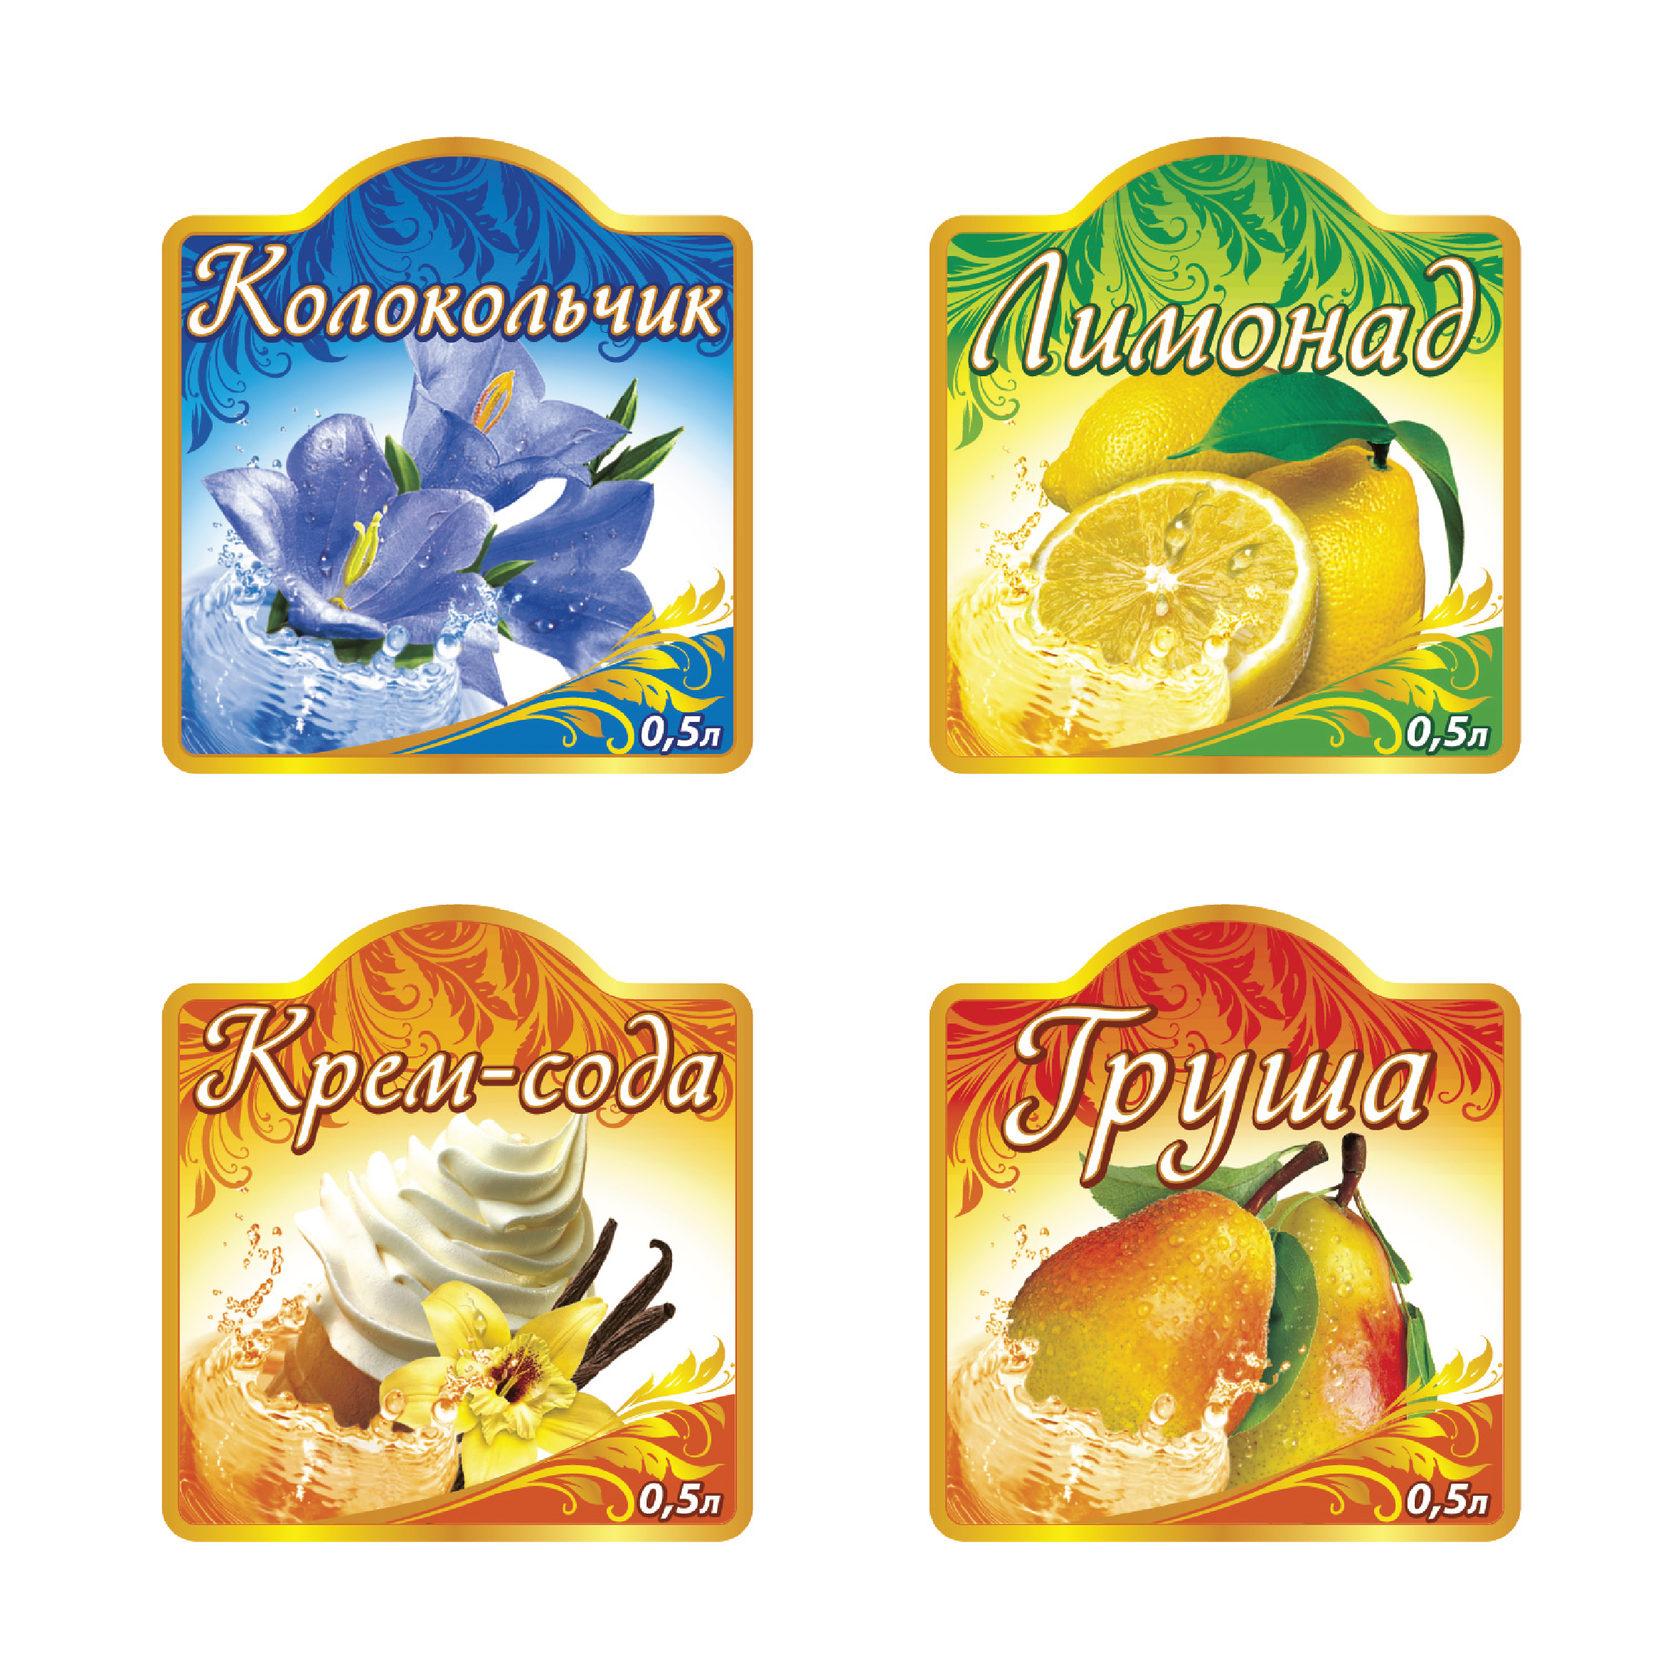 Печать наклеек на бутылку в Москве   фото 2